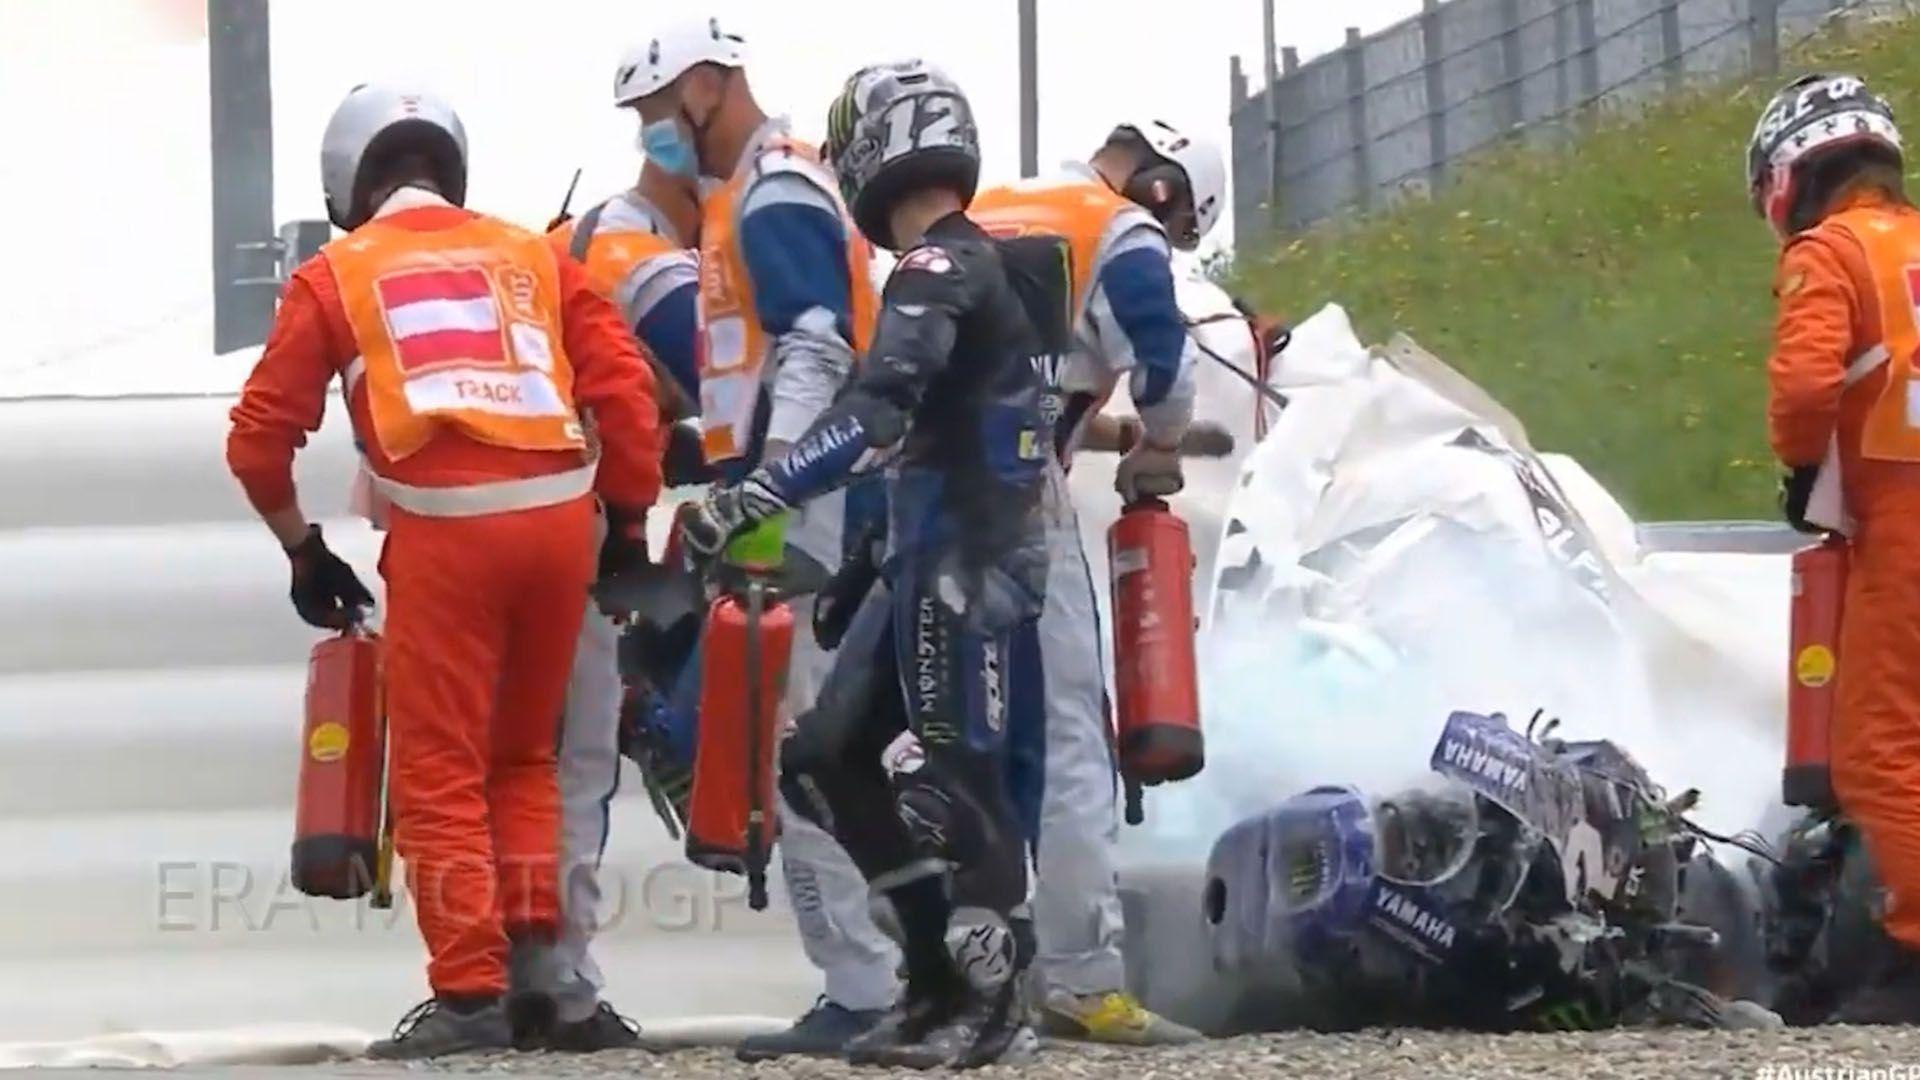 Accidente en el GP de estiria del moto GP